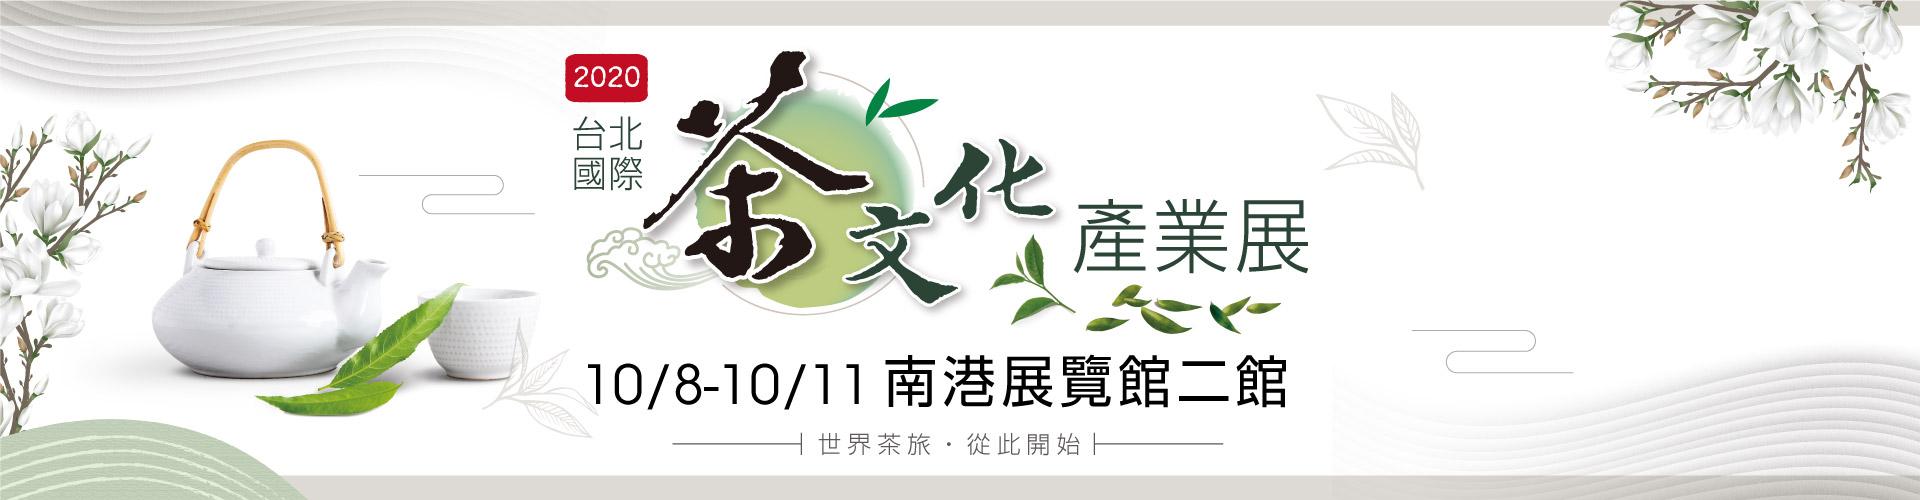 2020台北國際茶文化產業展